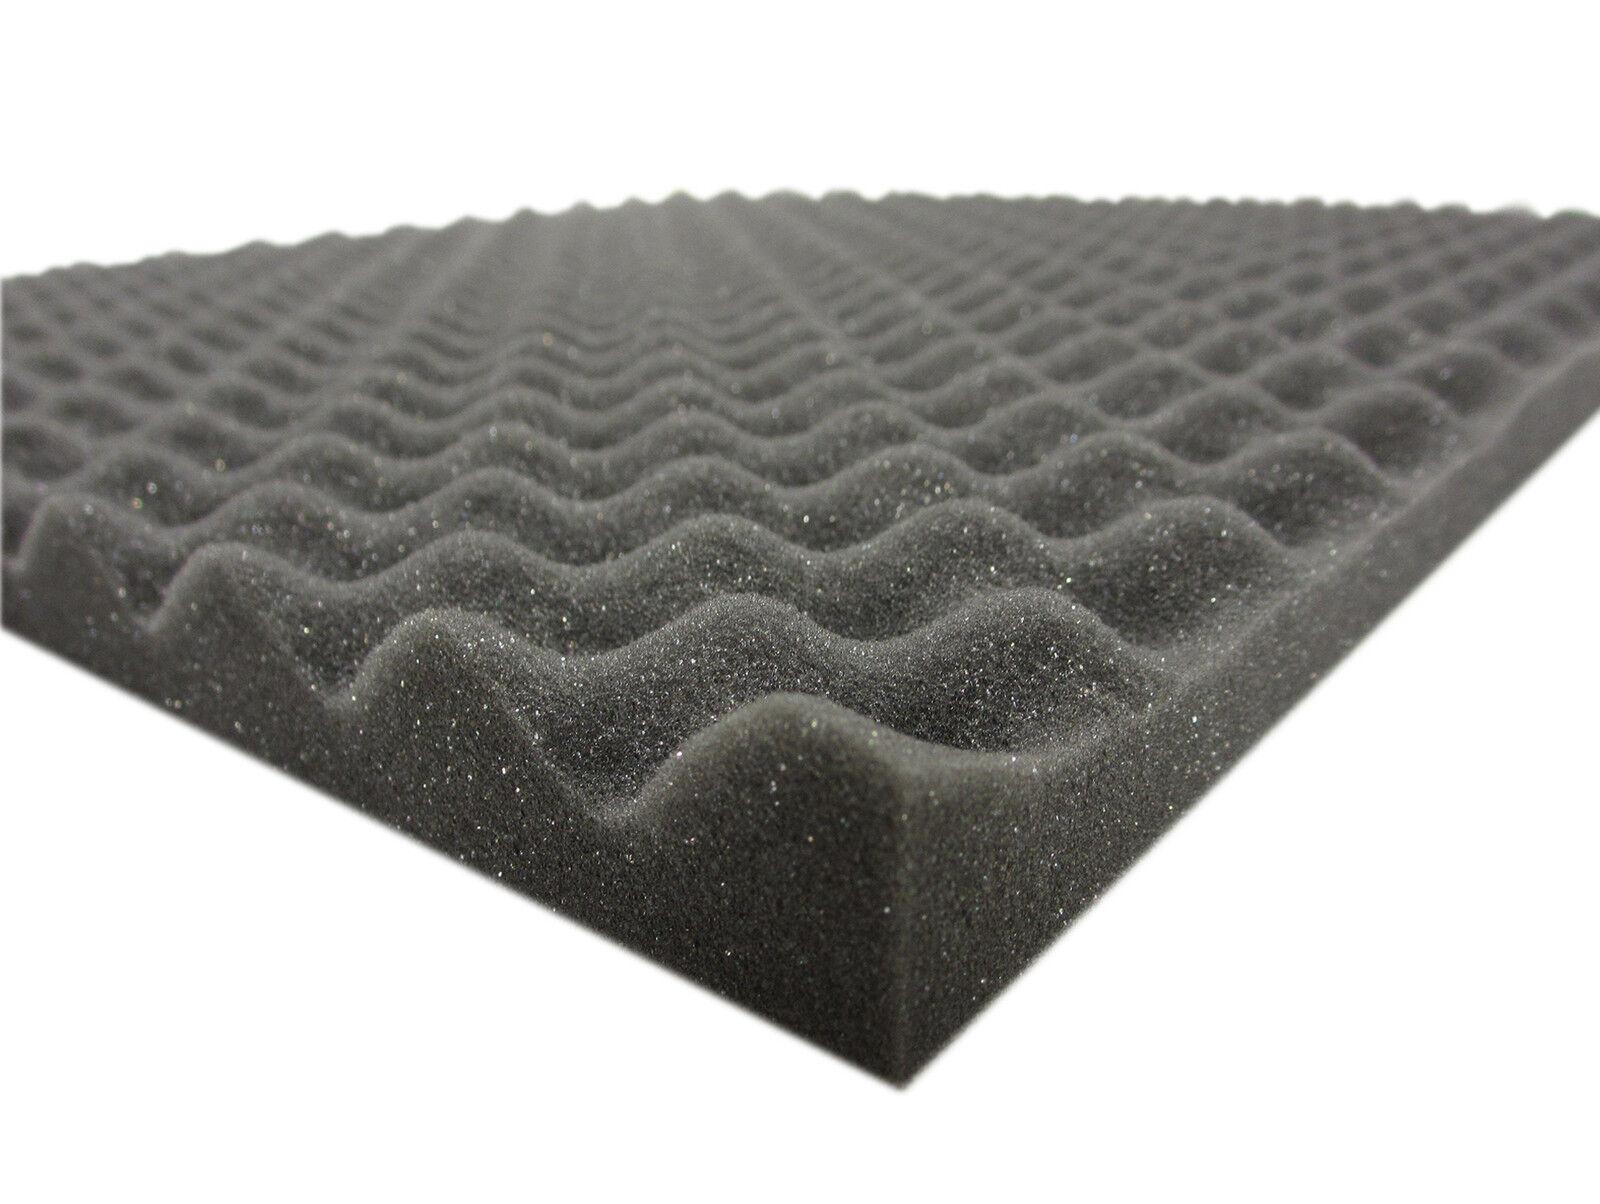 Acústica espuma de tachas tachas tachas espuma pyramidenschaumstoff aislamiento acústico  Ahorre 60% de descuento y envío rápido a todo el mundo.